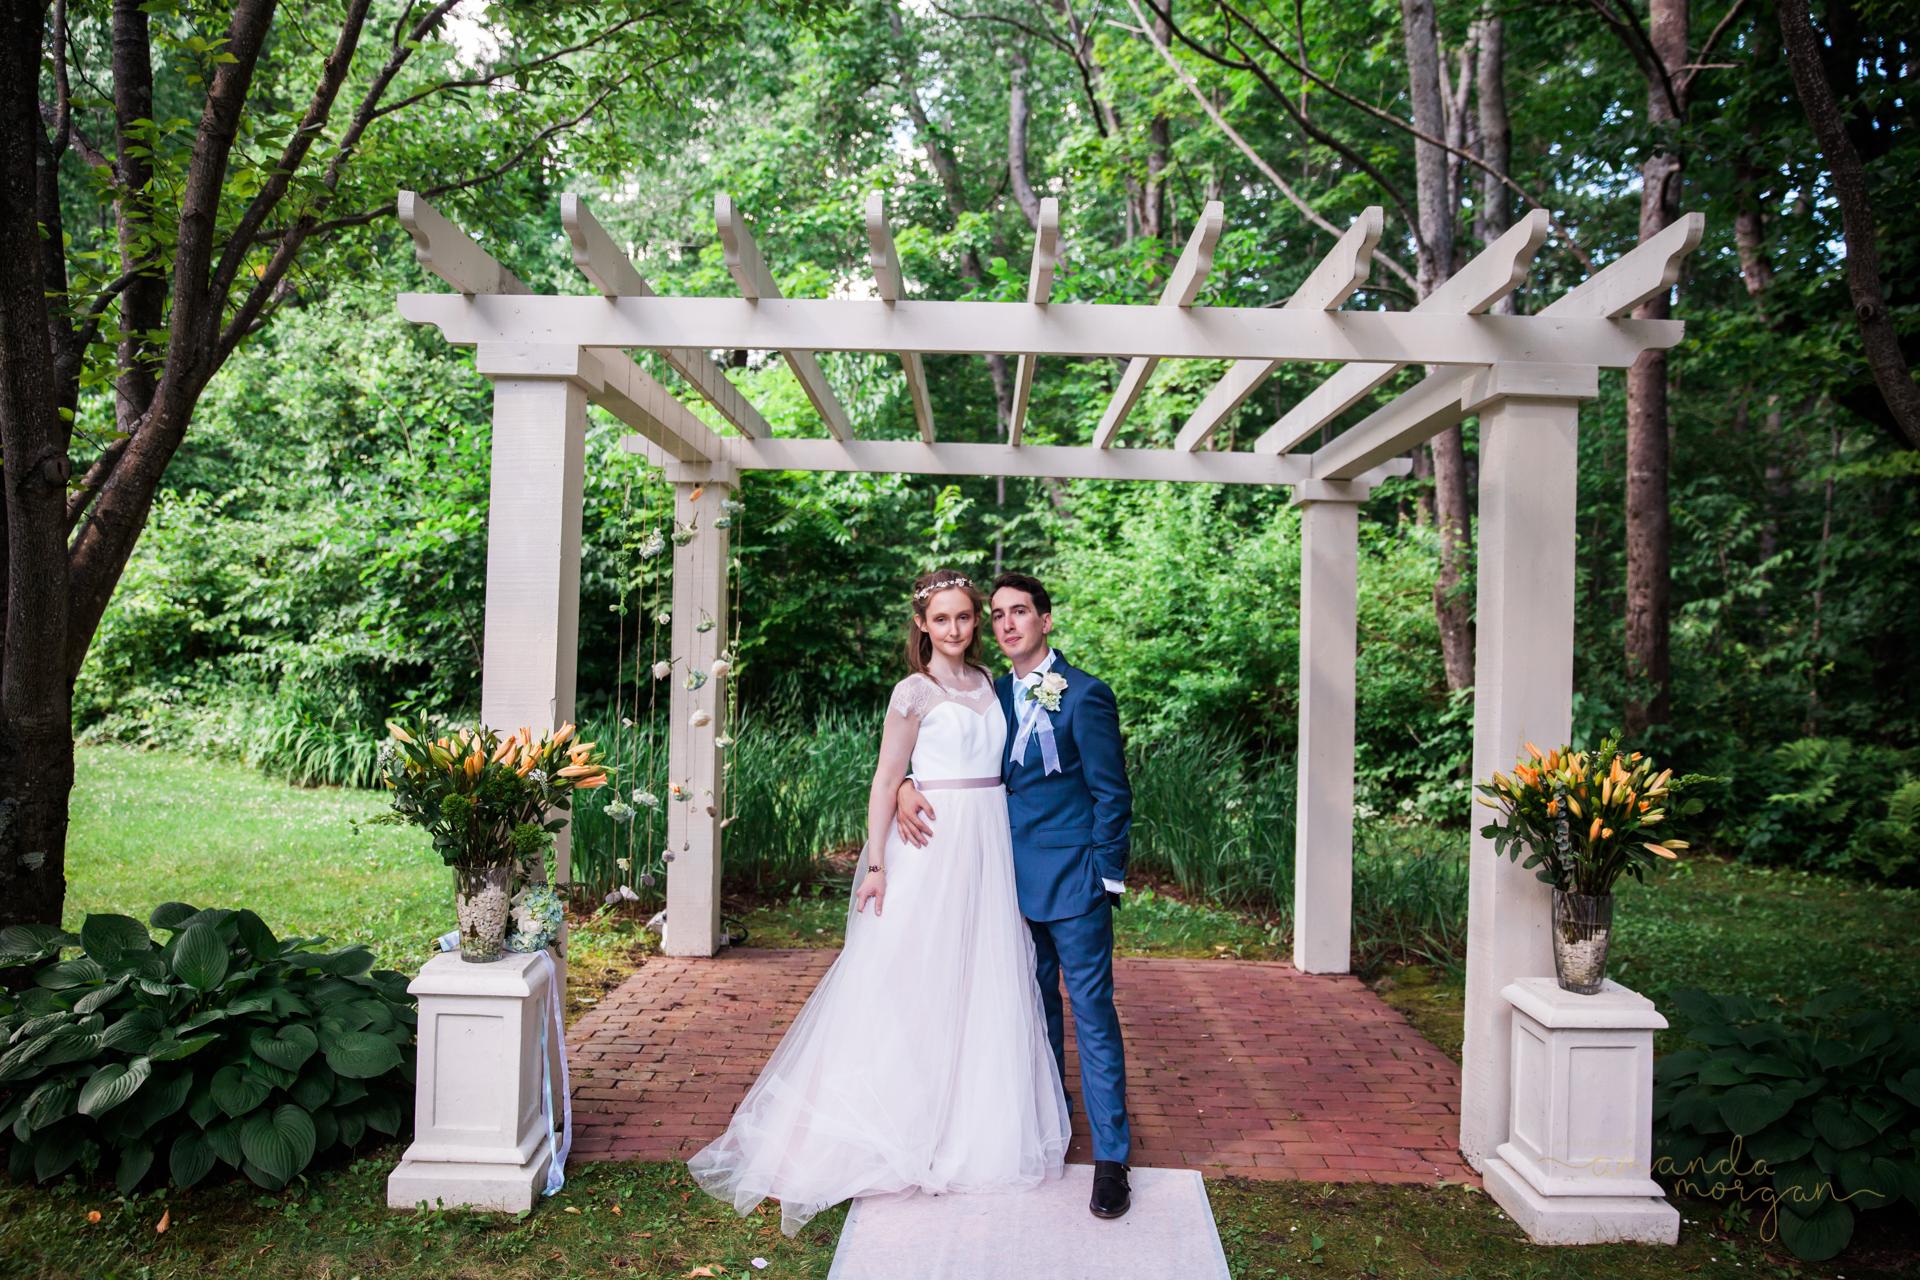 Glimmerstone-Mansion-Vermont-Wedding-Amanda-Morgan-51.jpg